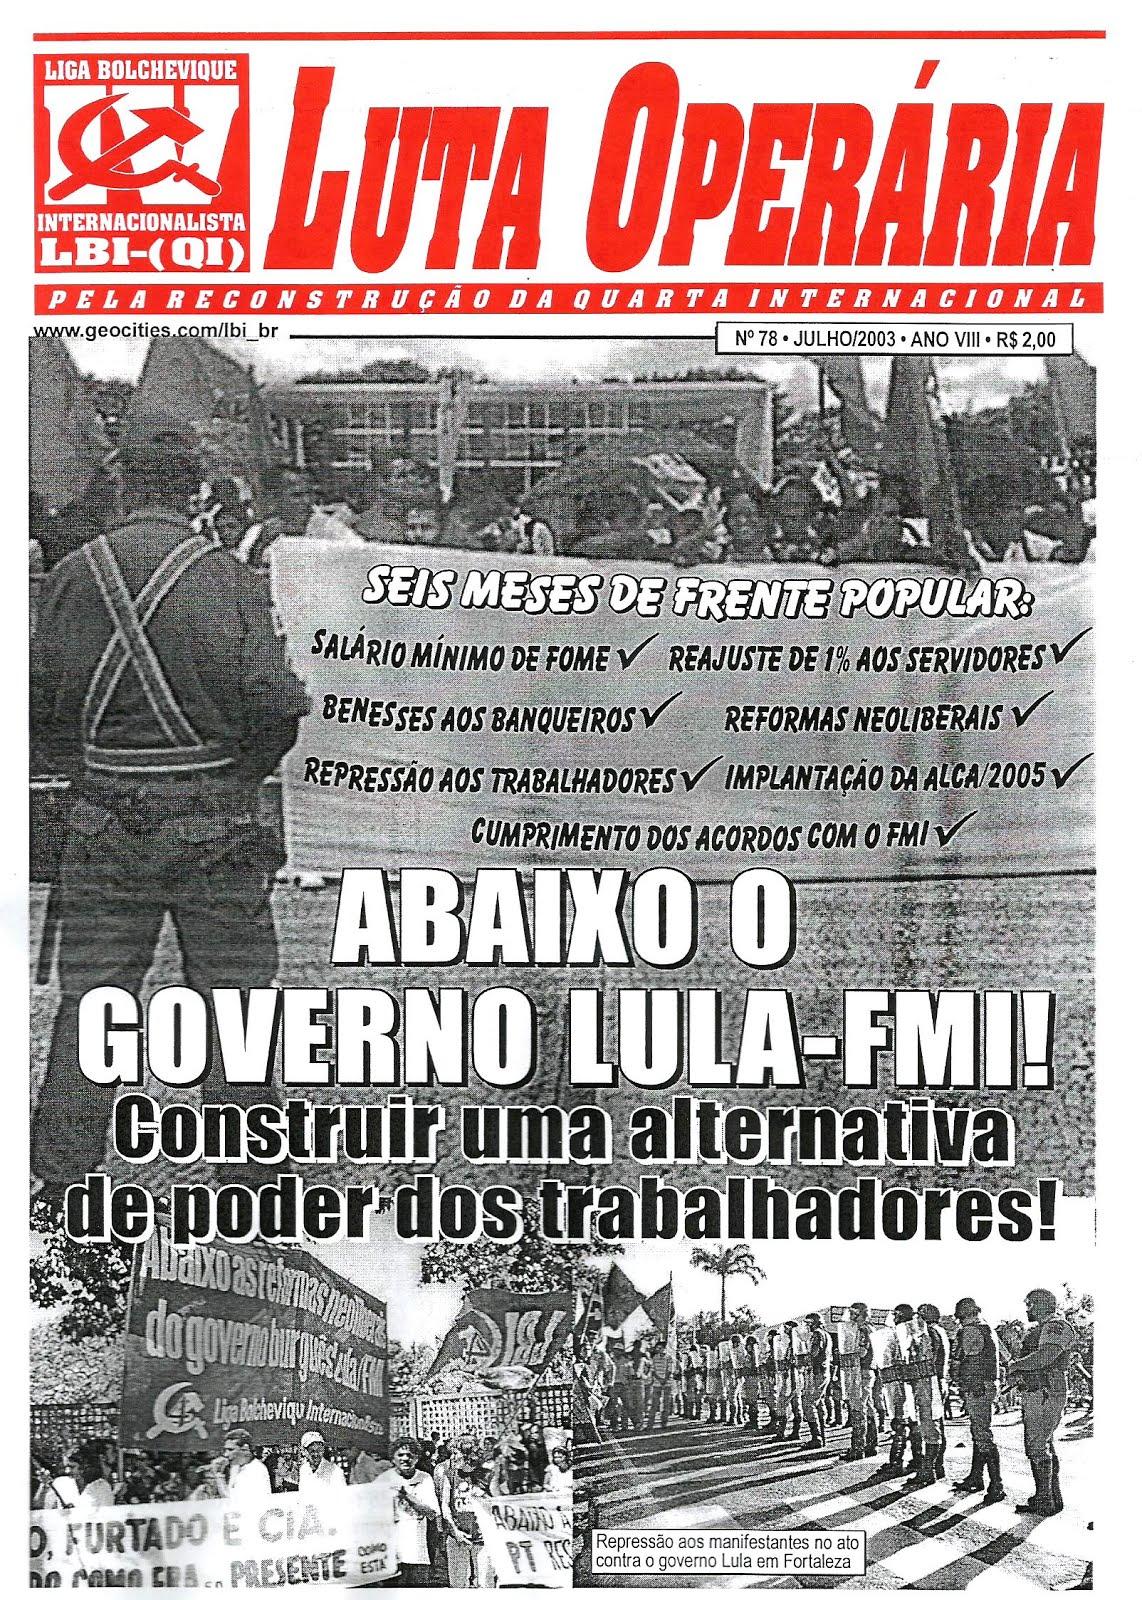 LEIA A EDIÇÃO DO JORNAL LUTA OPERÁRIA Nº 78, JULHO/2003